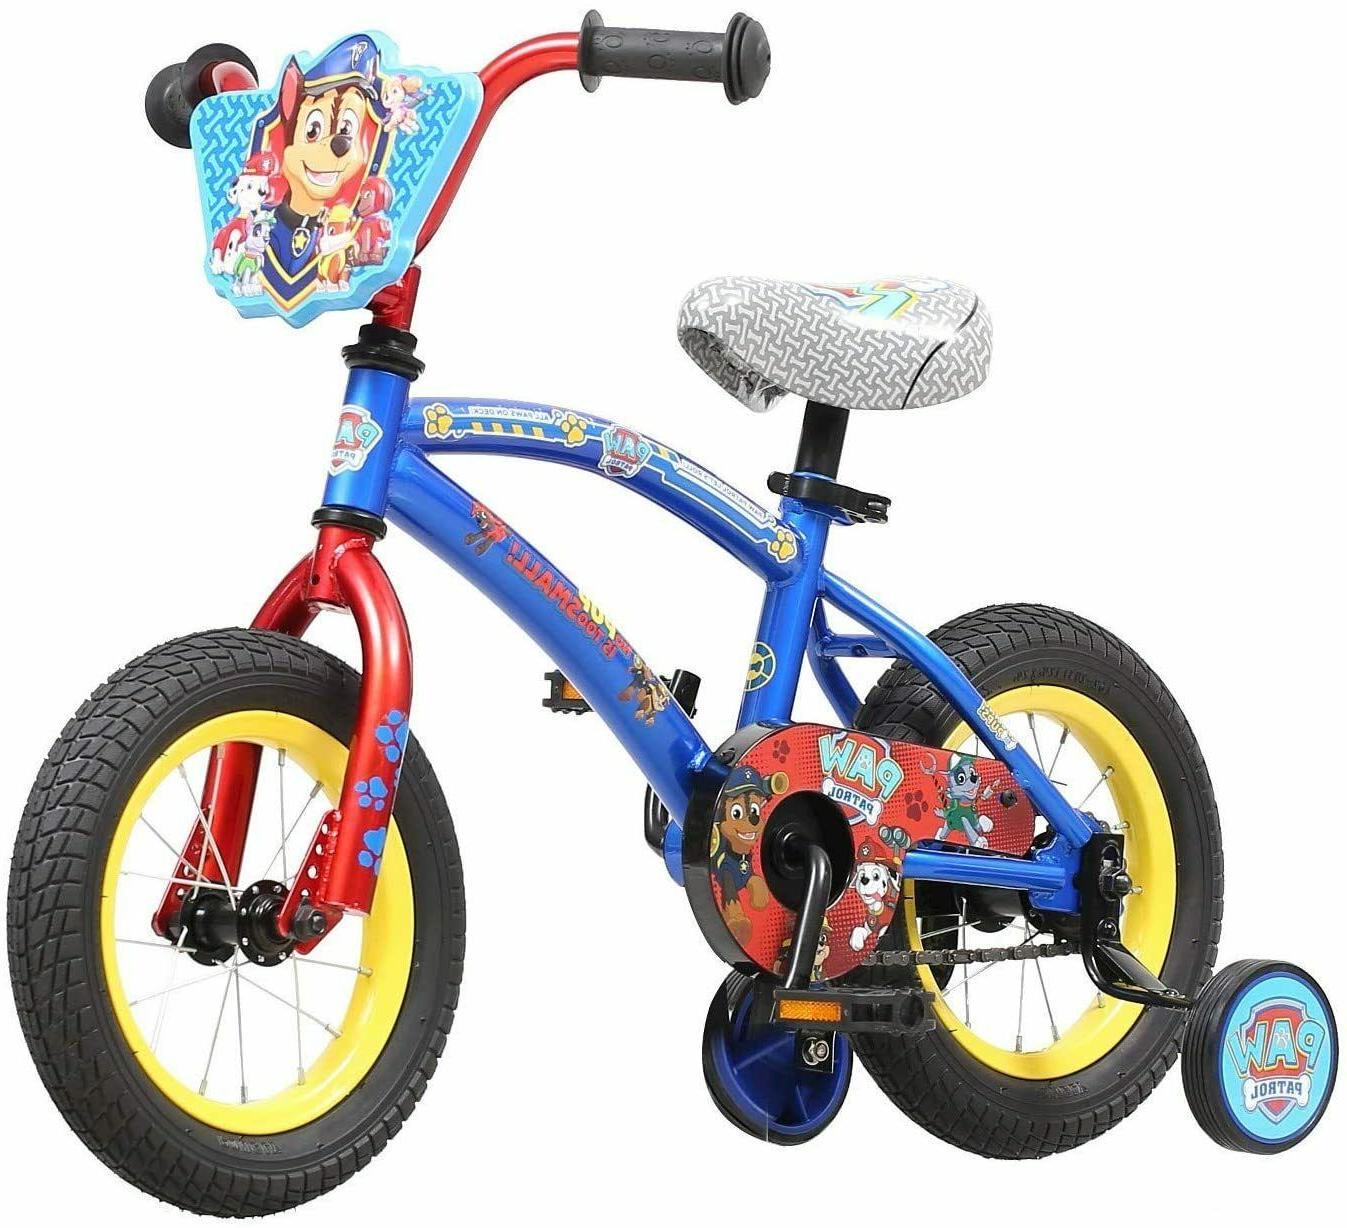 12 youth bike